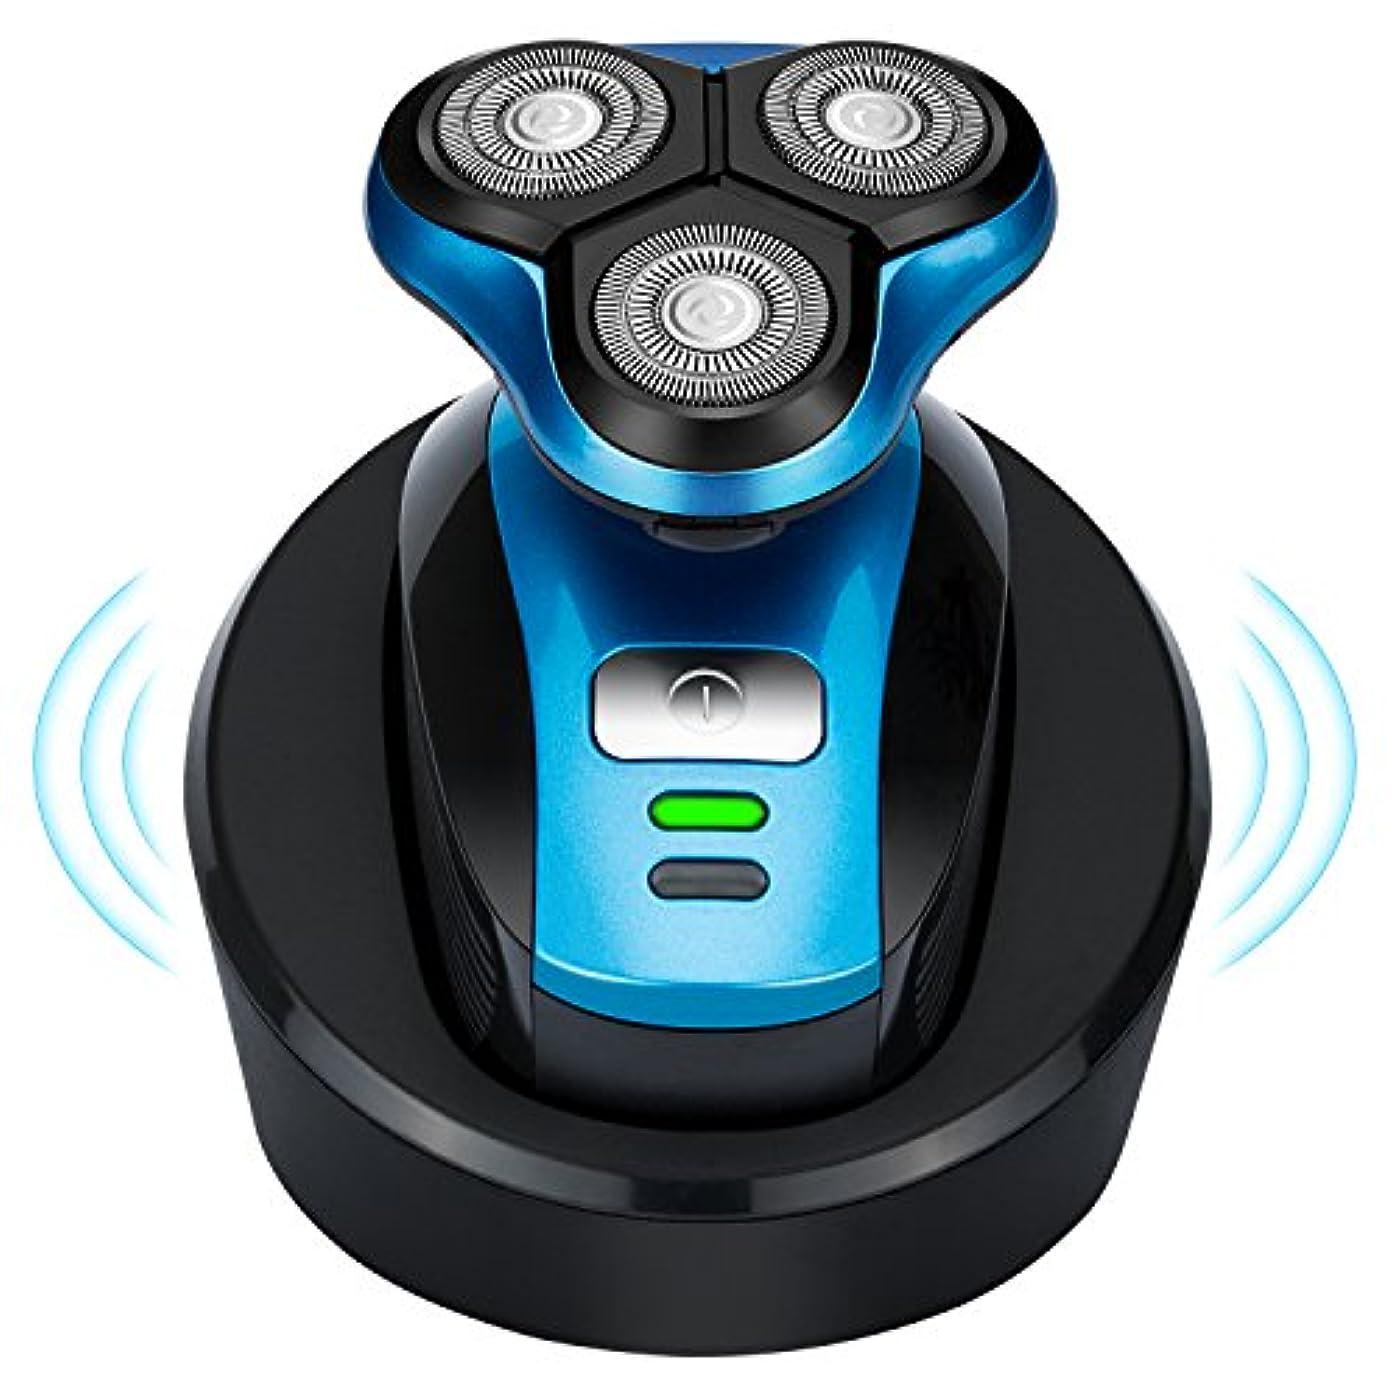 マルクス主義者のぞき穴一杯ワイヤレス 充電式 電気シェーバー メンズひげそり 自動研磨 ウェット&ドライ剃り IPX7防水 お風呂剃り可  ブルー